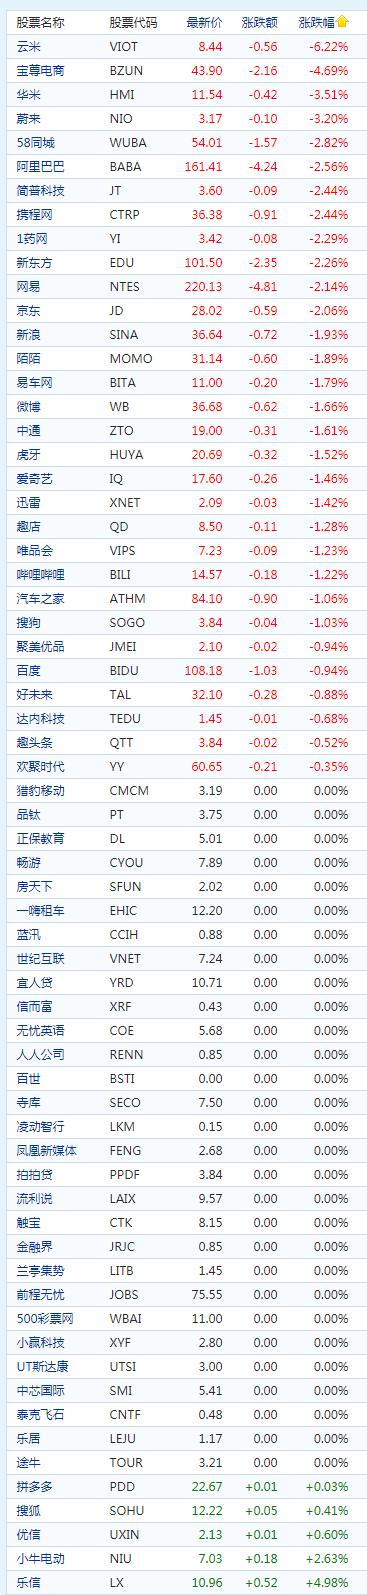 中概股股价(来源:新浪财经)